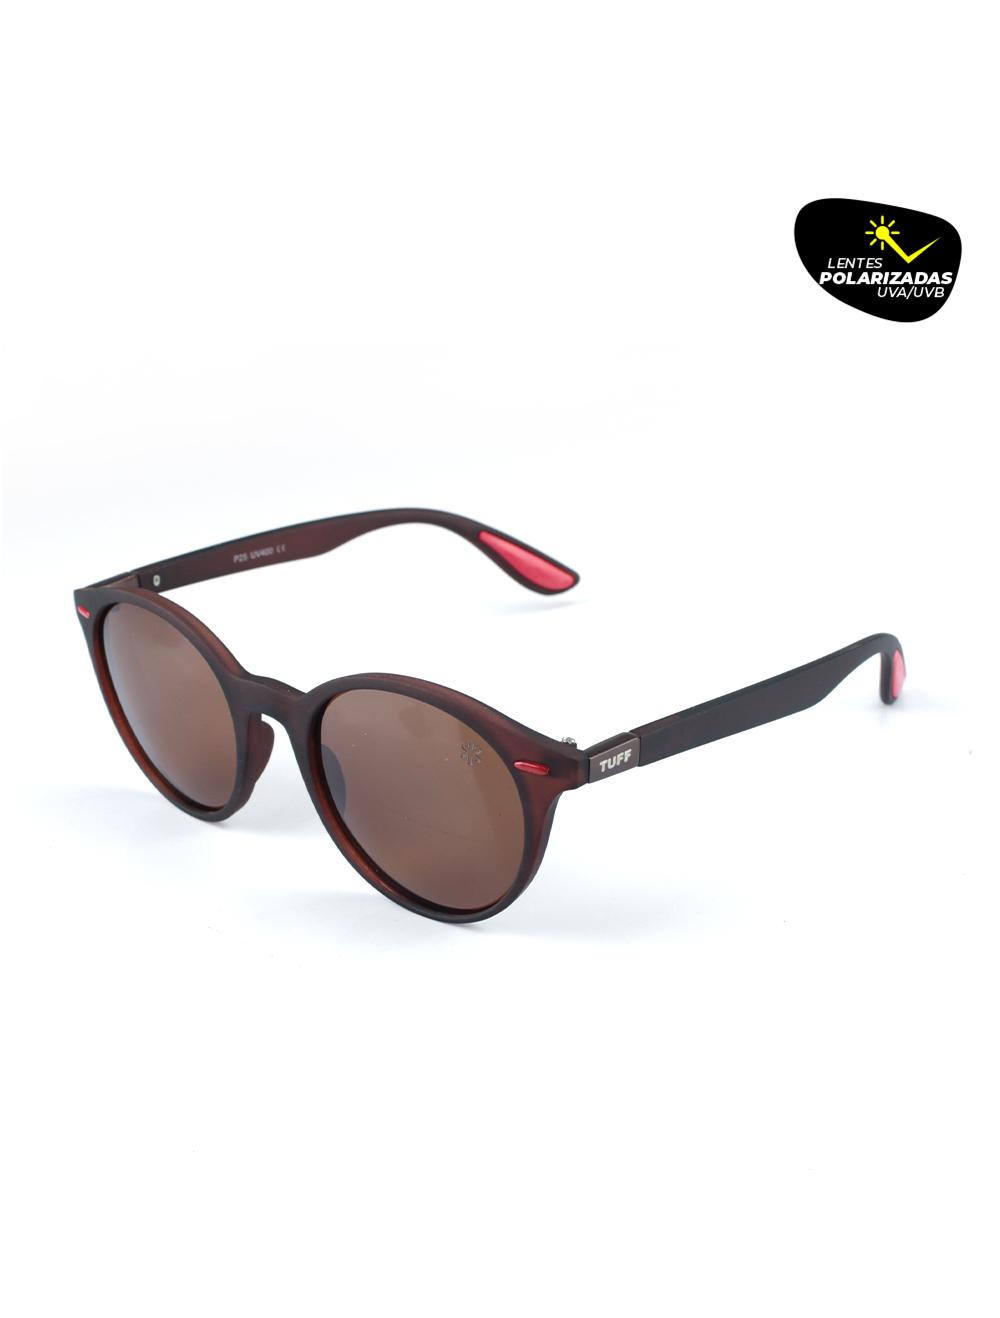 Sunglasses Moderno Marrom com Lente Polarizada